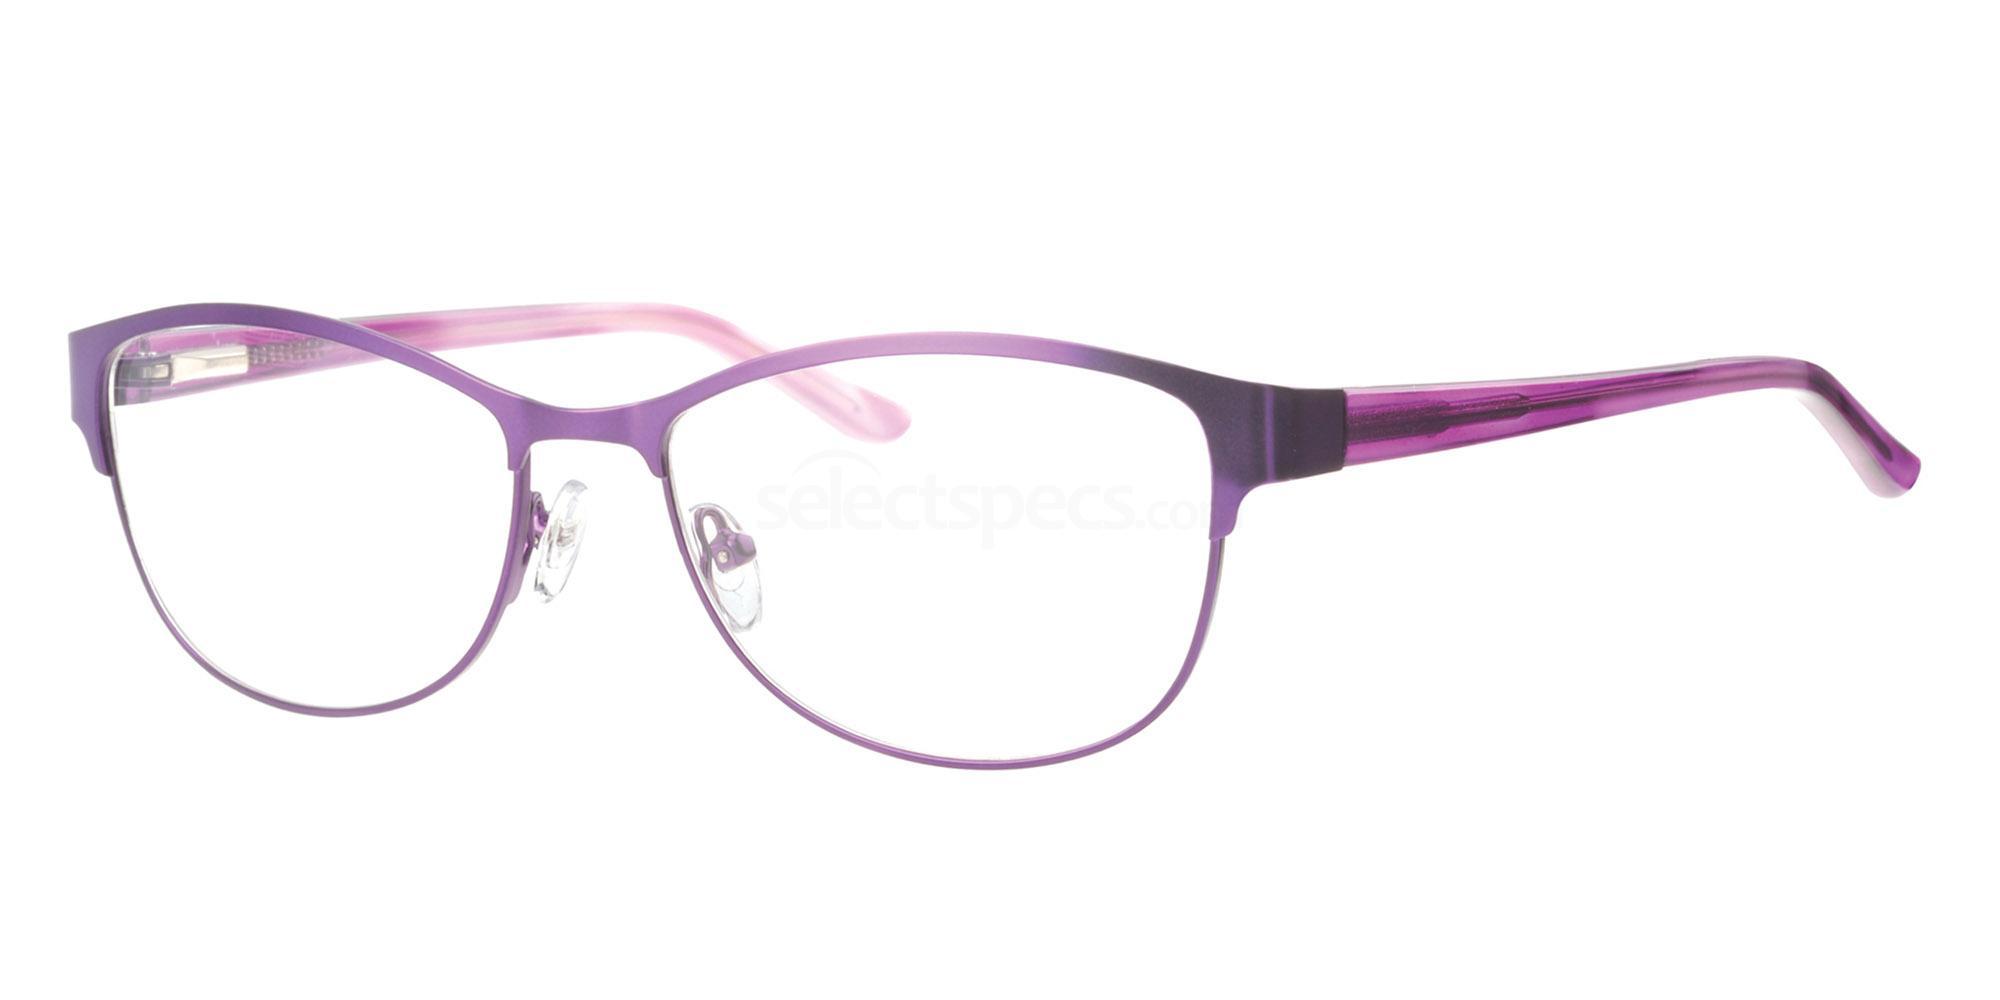 C60 438 Glasses, Visage Elite